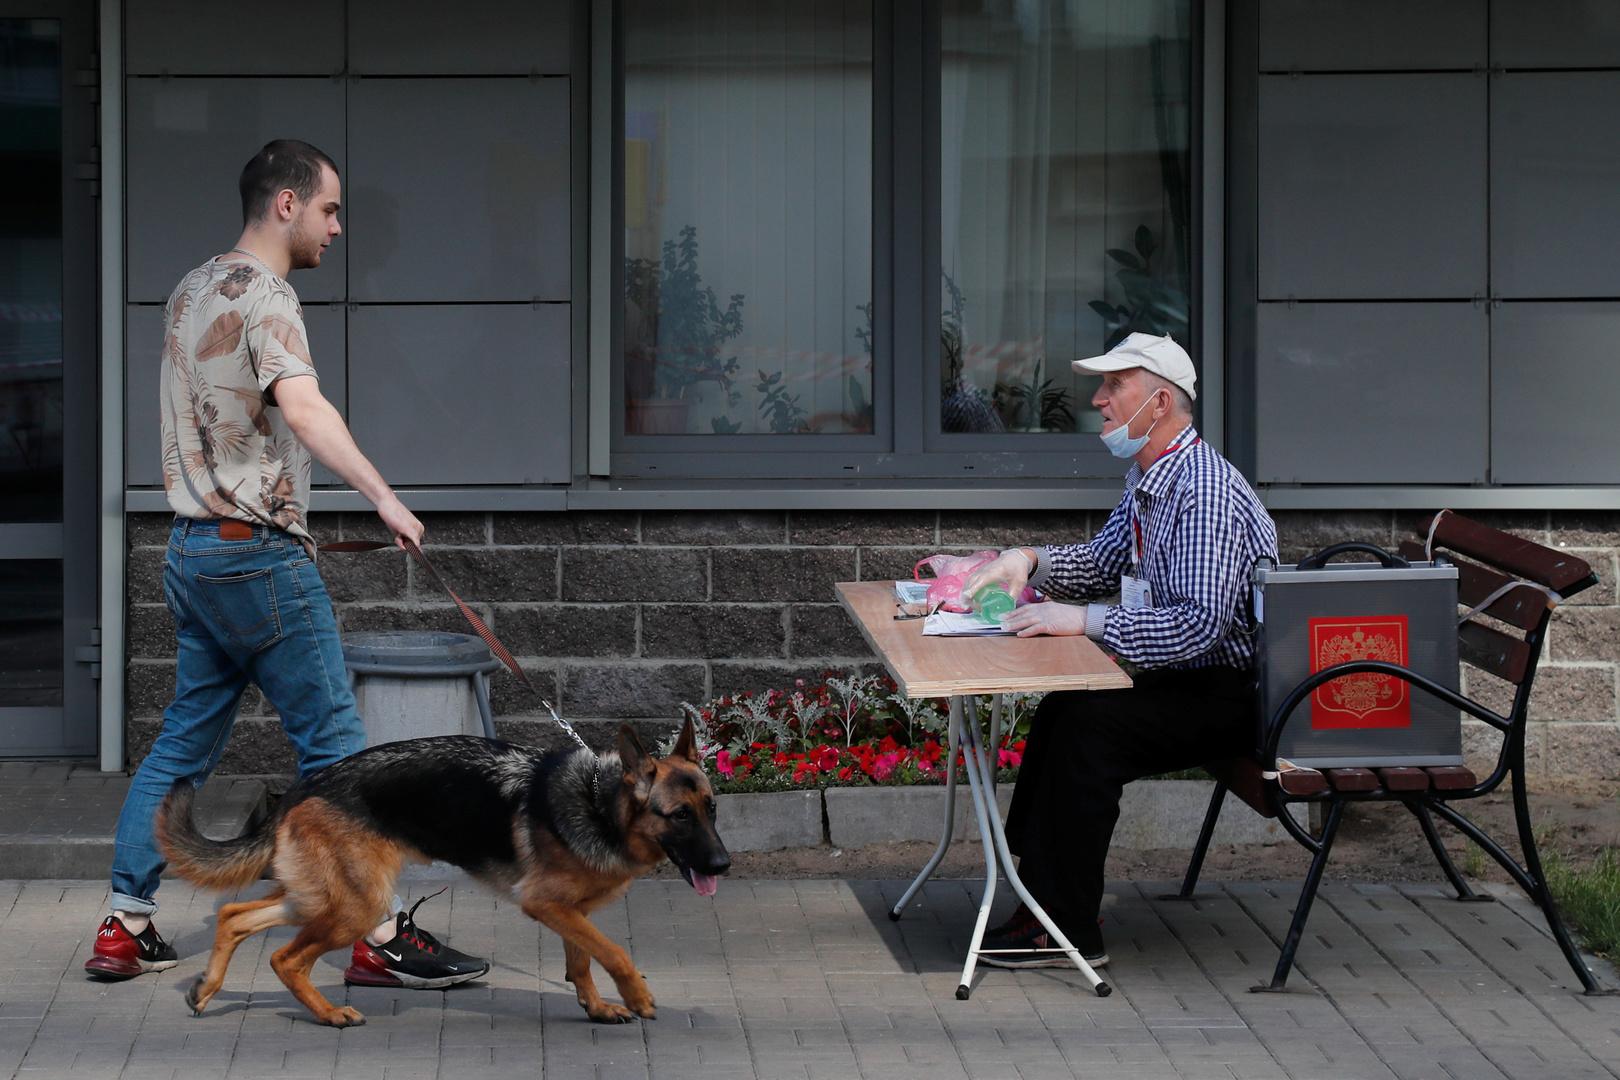 Ein Mitarbeiter eines Freiluftwahllokals in Sankt Petersburg spricht mit einem Mann, der mit seinem Hund Gassi geht, 25. Juni 2020.